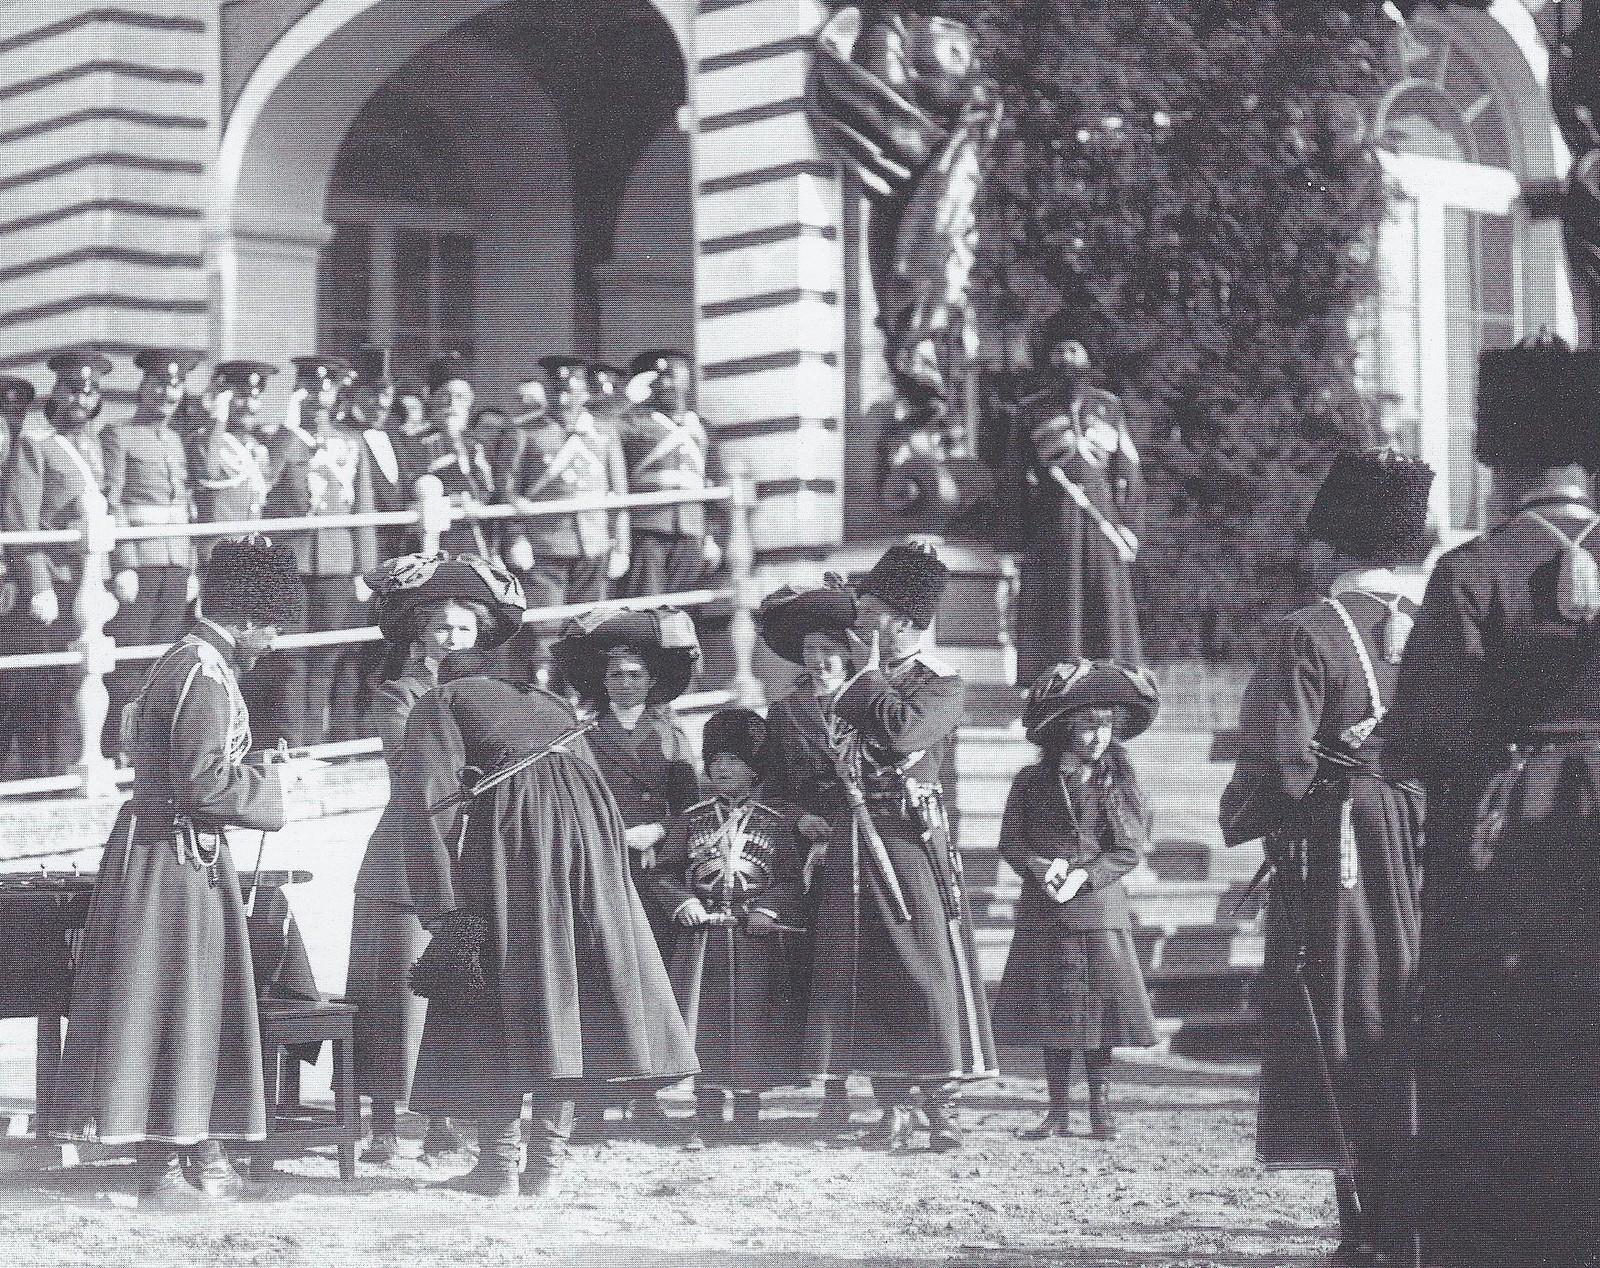 1911. Члены императорской фамилии вручают подарки конвойцам